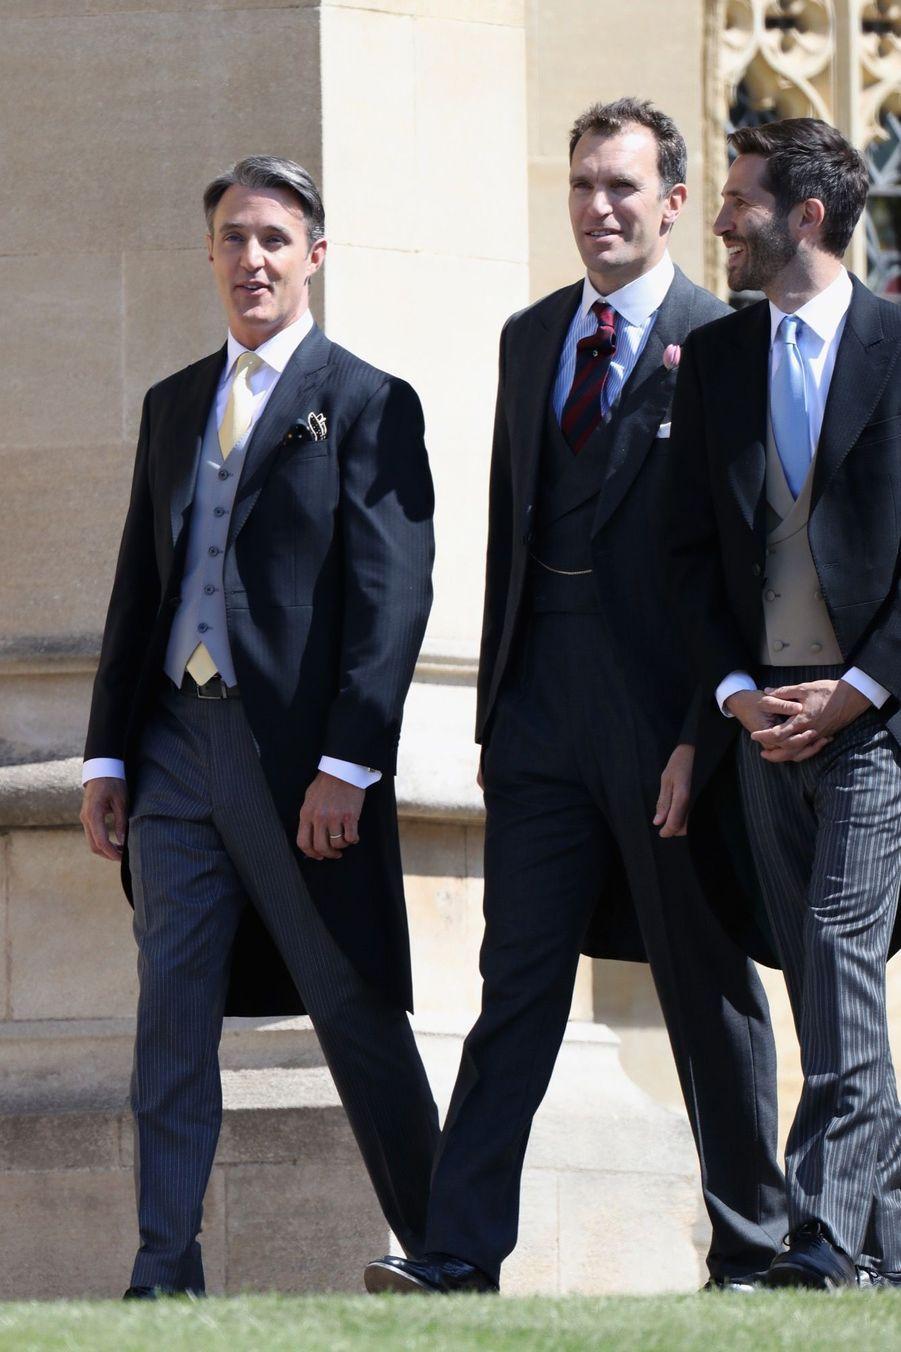 Ben Mulroney (à gauche), le mari deJessica Mulroney arrivant au mariage du prince Harry et Meghan Markle.